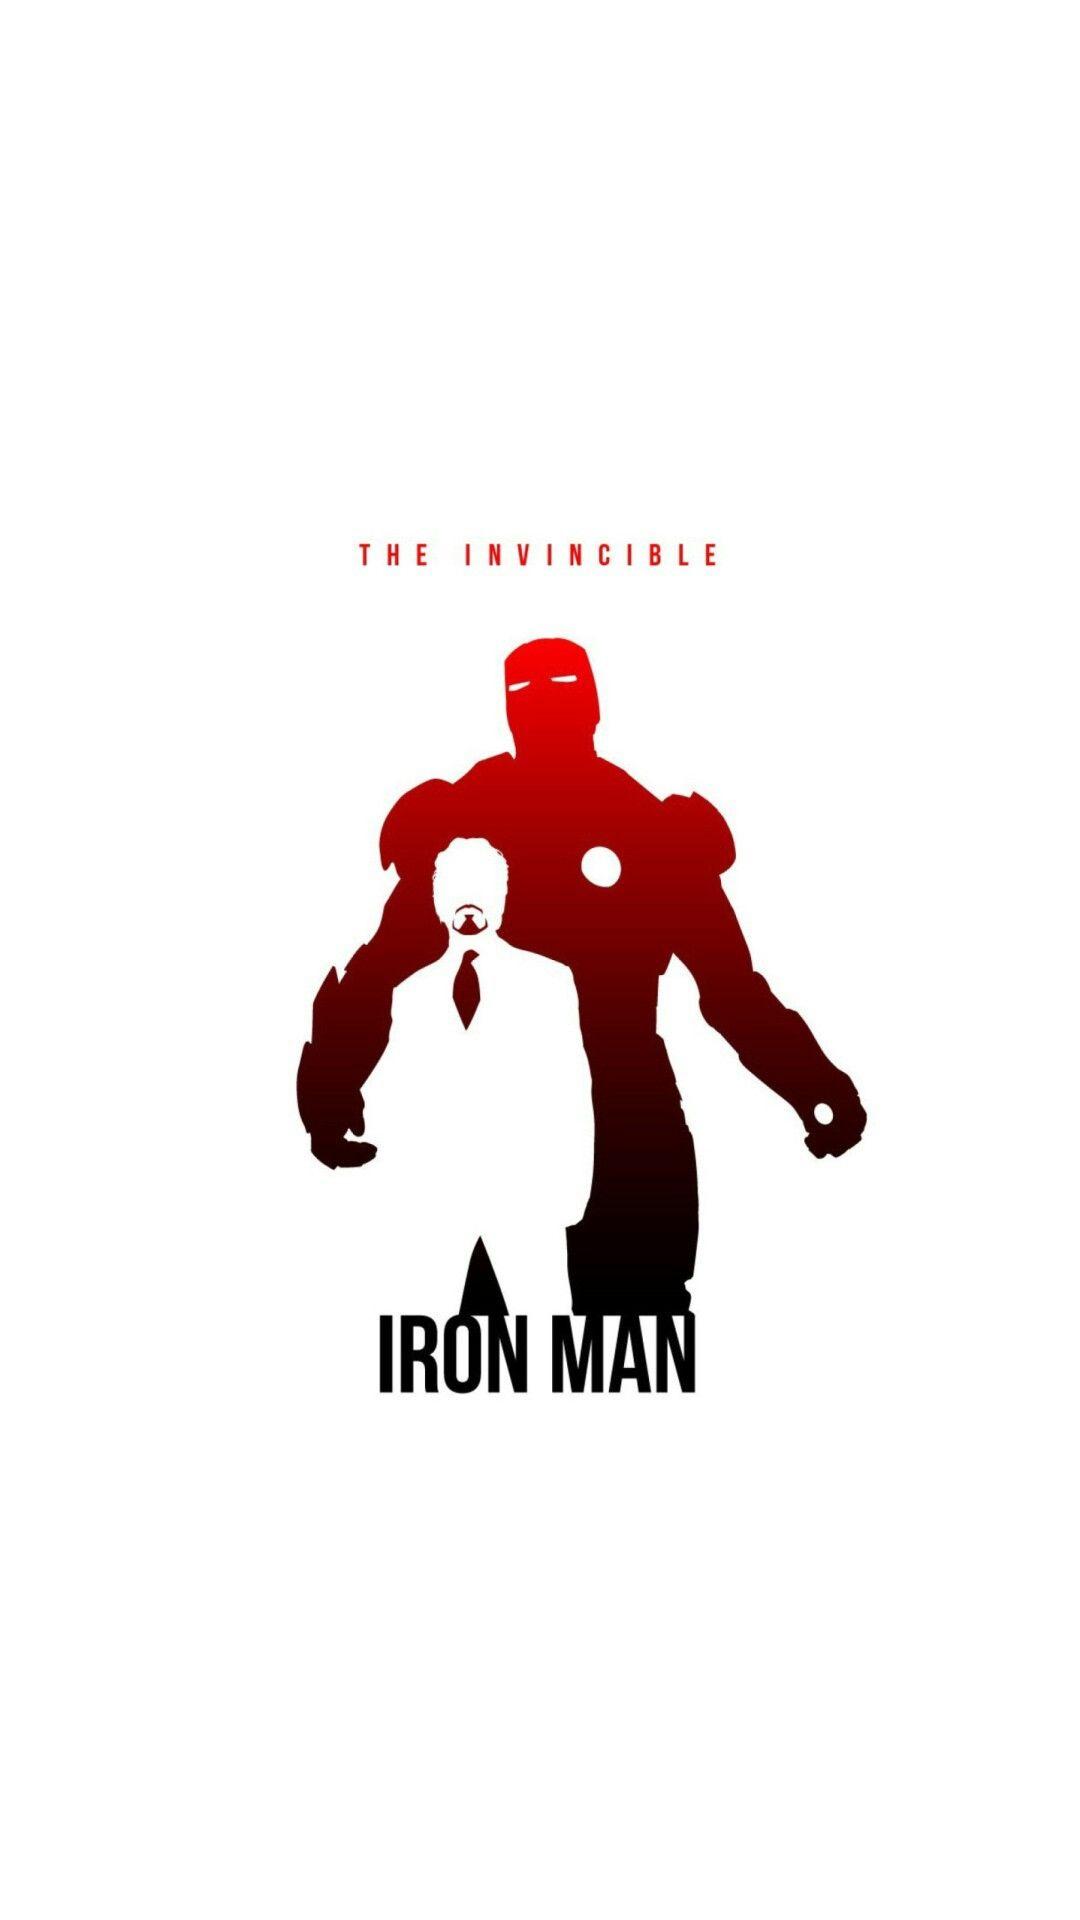 Pin de iasmin silva em wallpapers 1080x1920 marvel - Iron man 2 telecharger gratuit ...